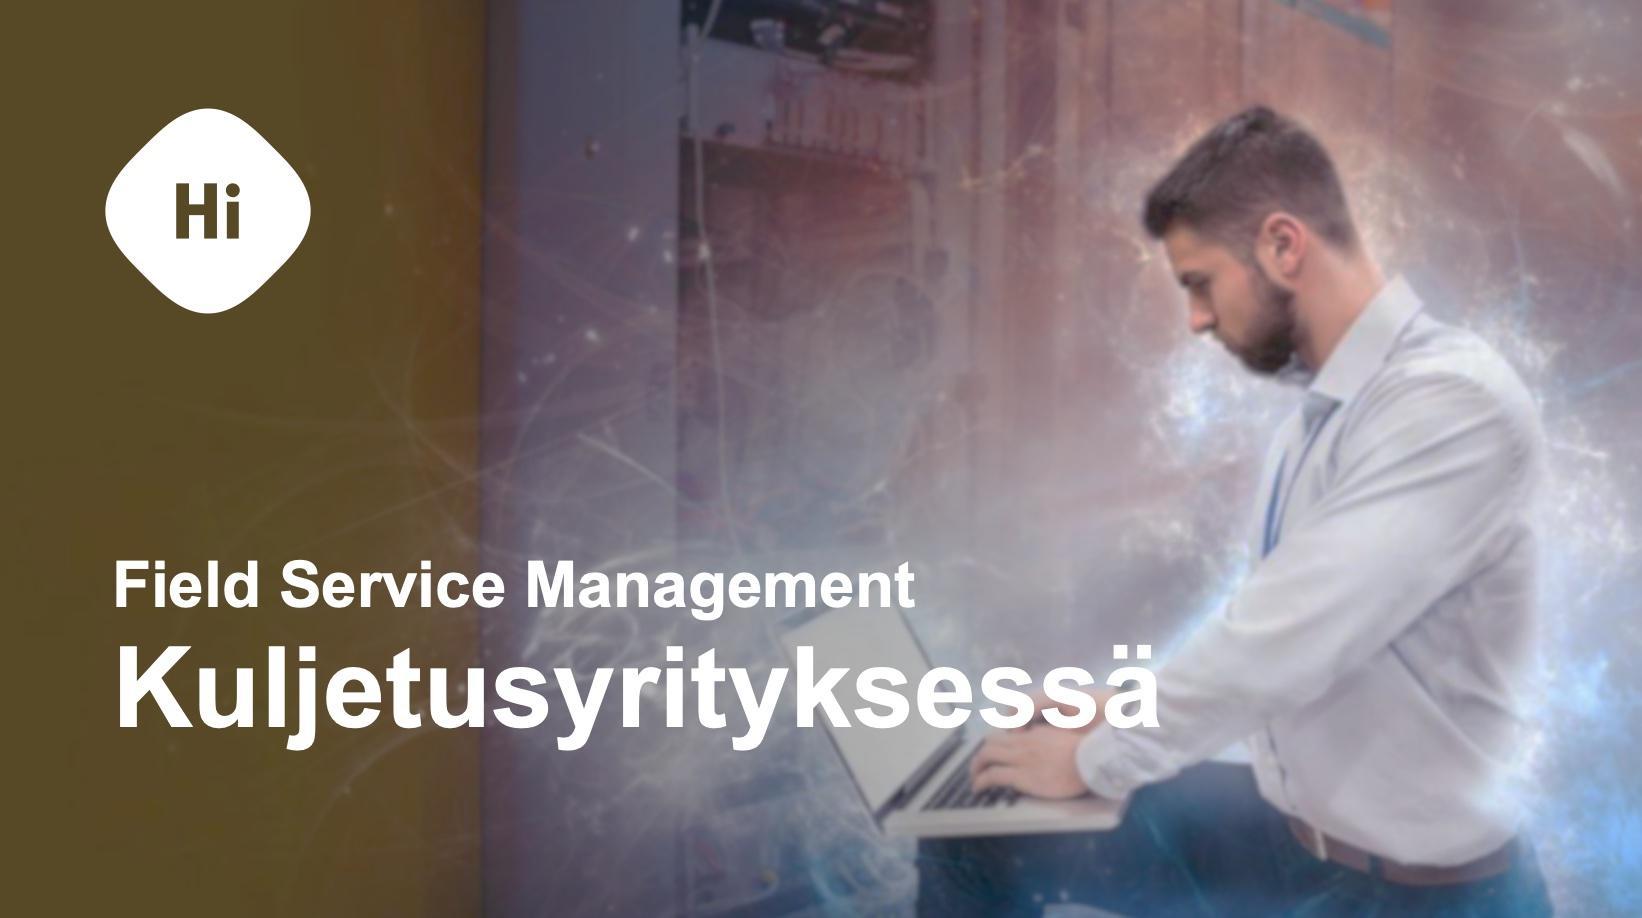 Field Service Management Kuljetusyrityksessä